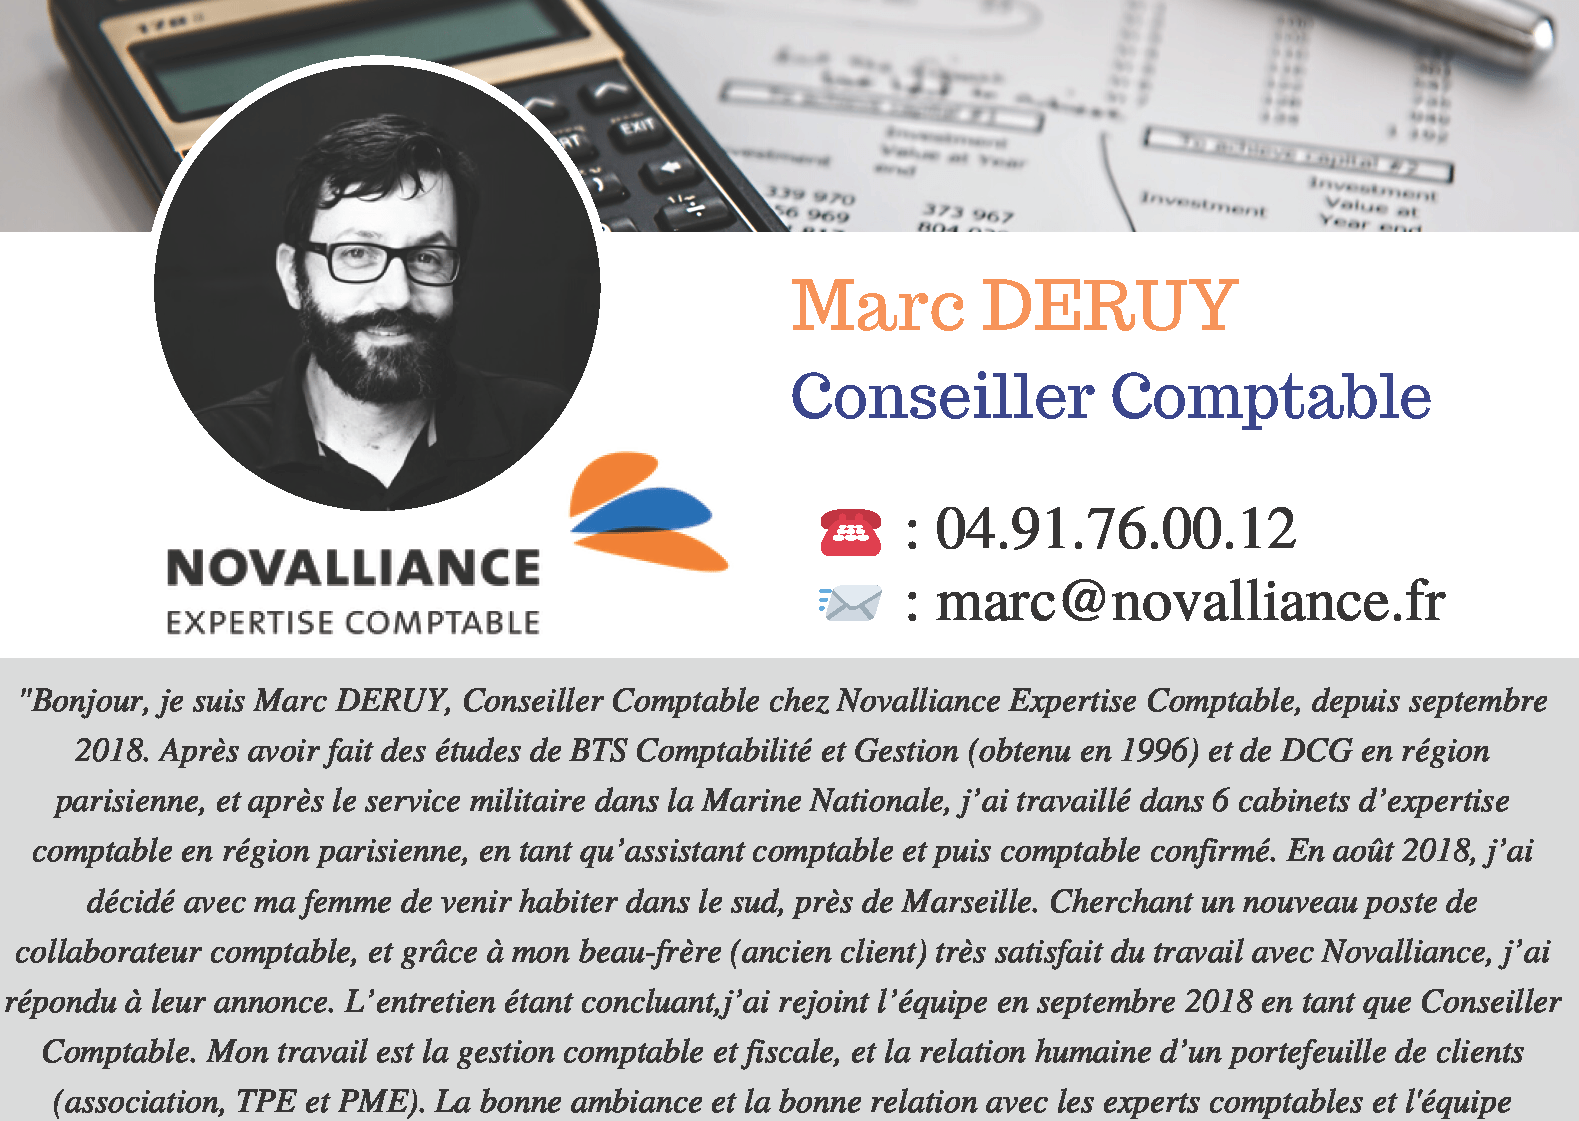 Fiche Conseiller Comptable Marc DERUY